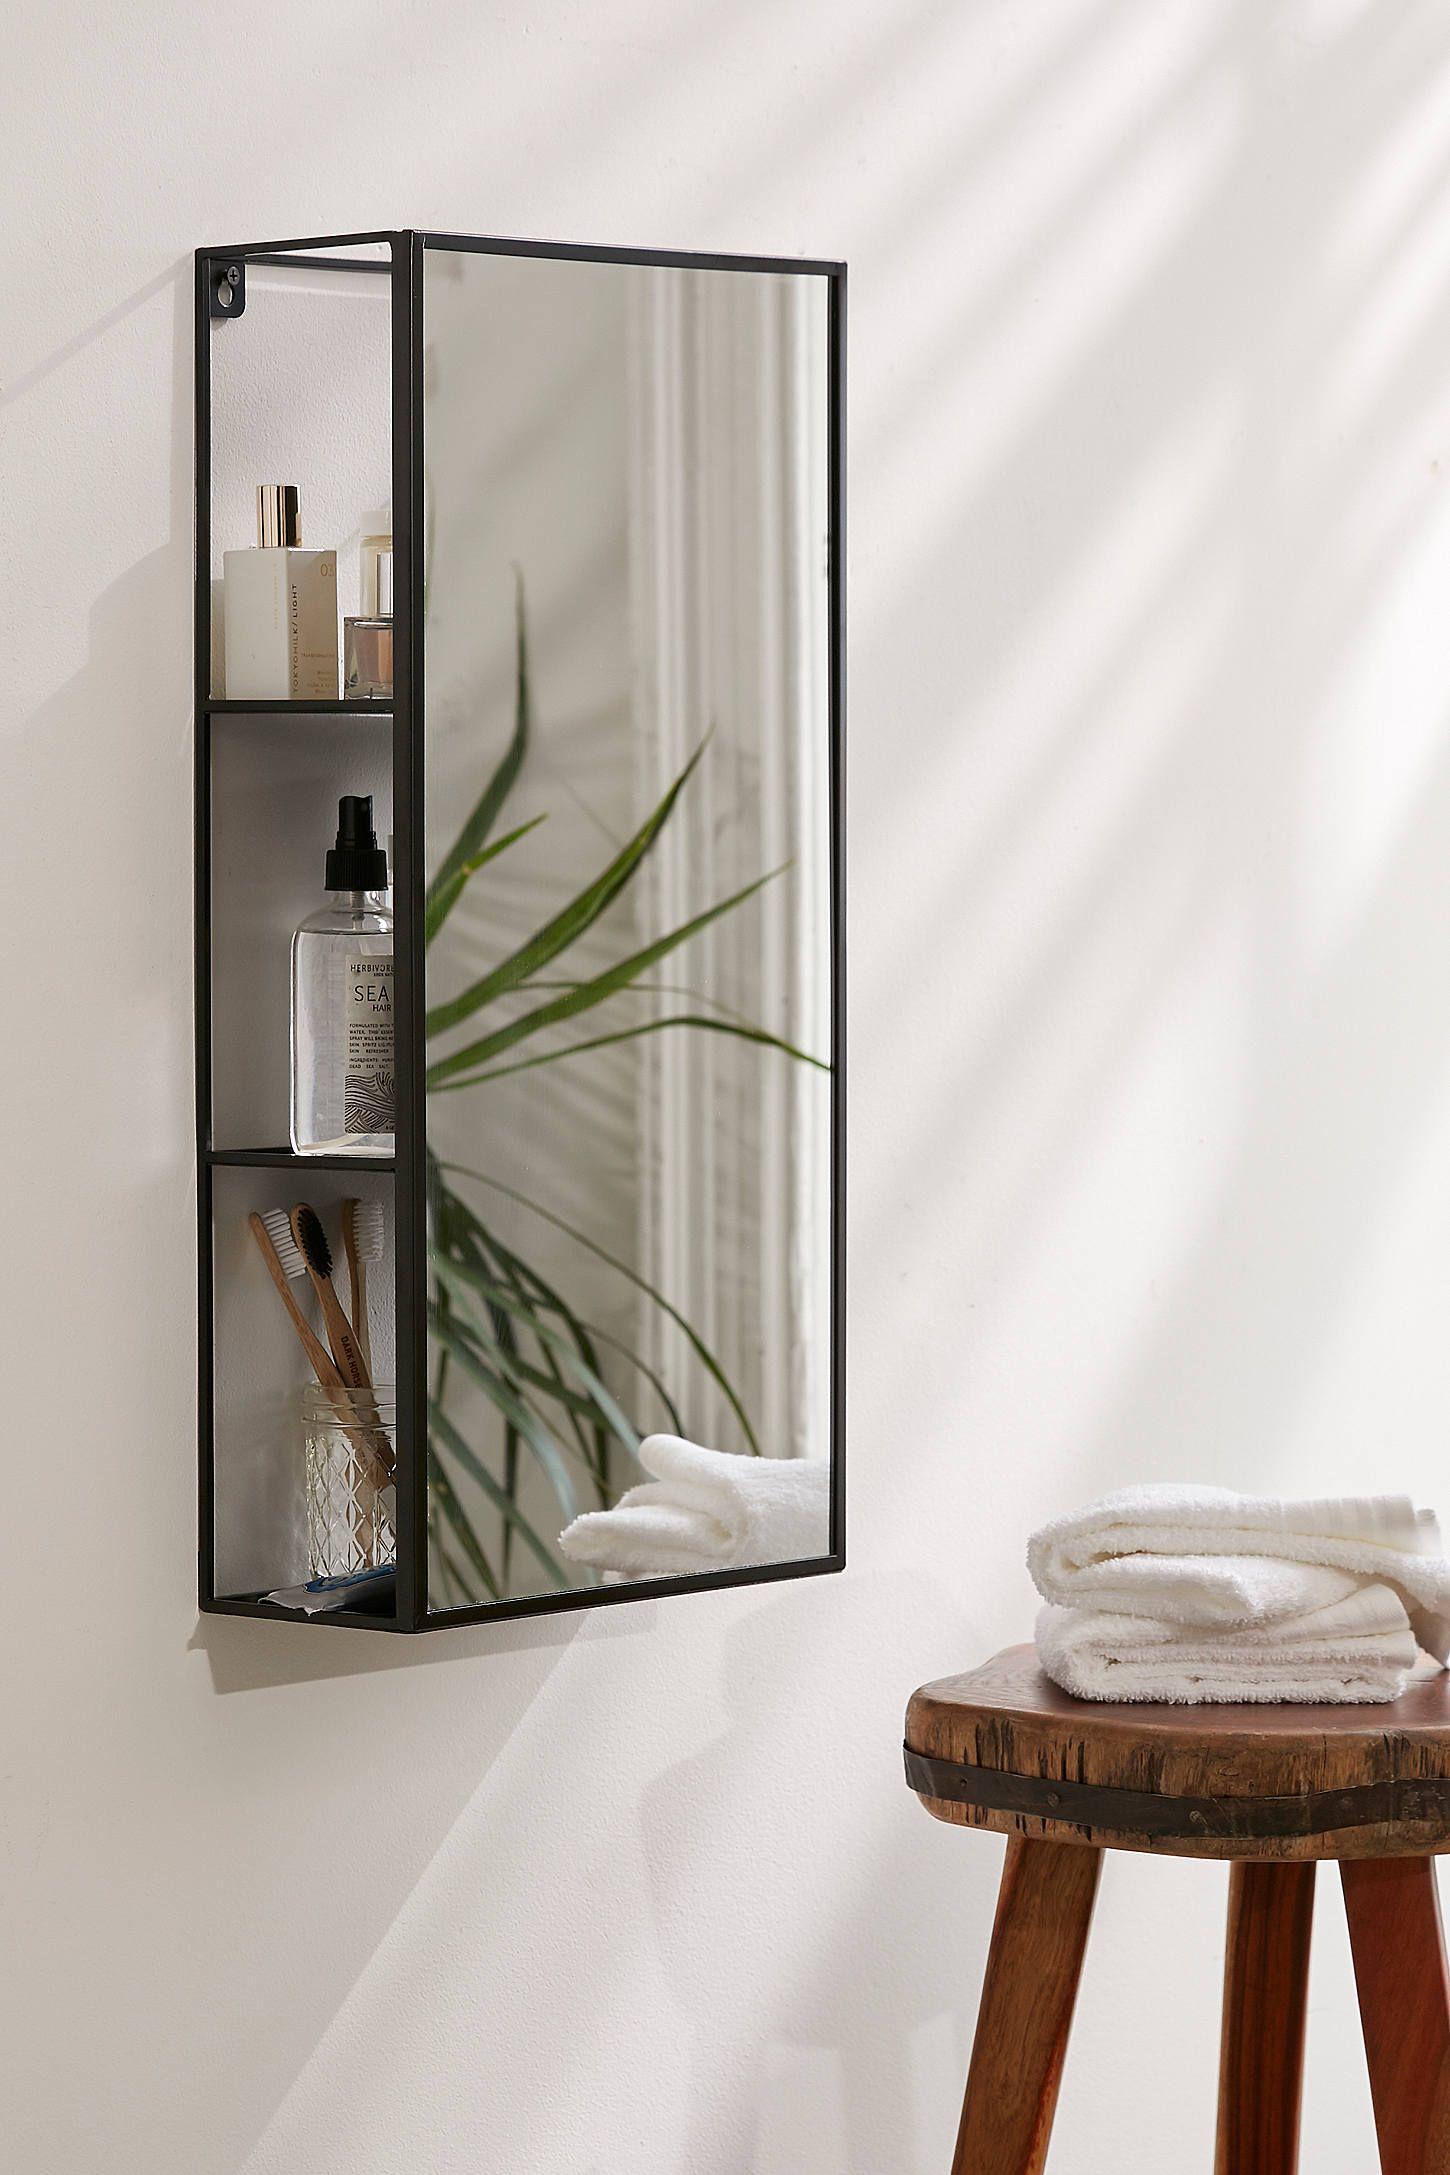 Cubiko Storage Mirror | Storage mirror, Storage and Kitchens